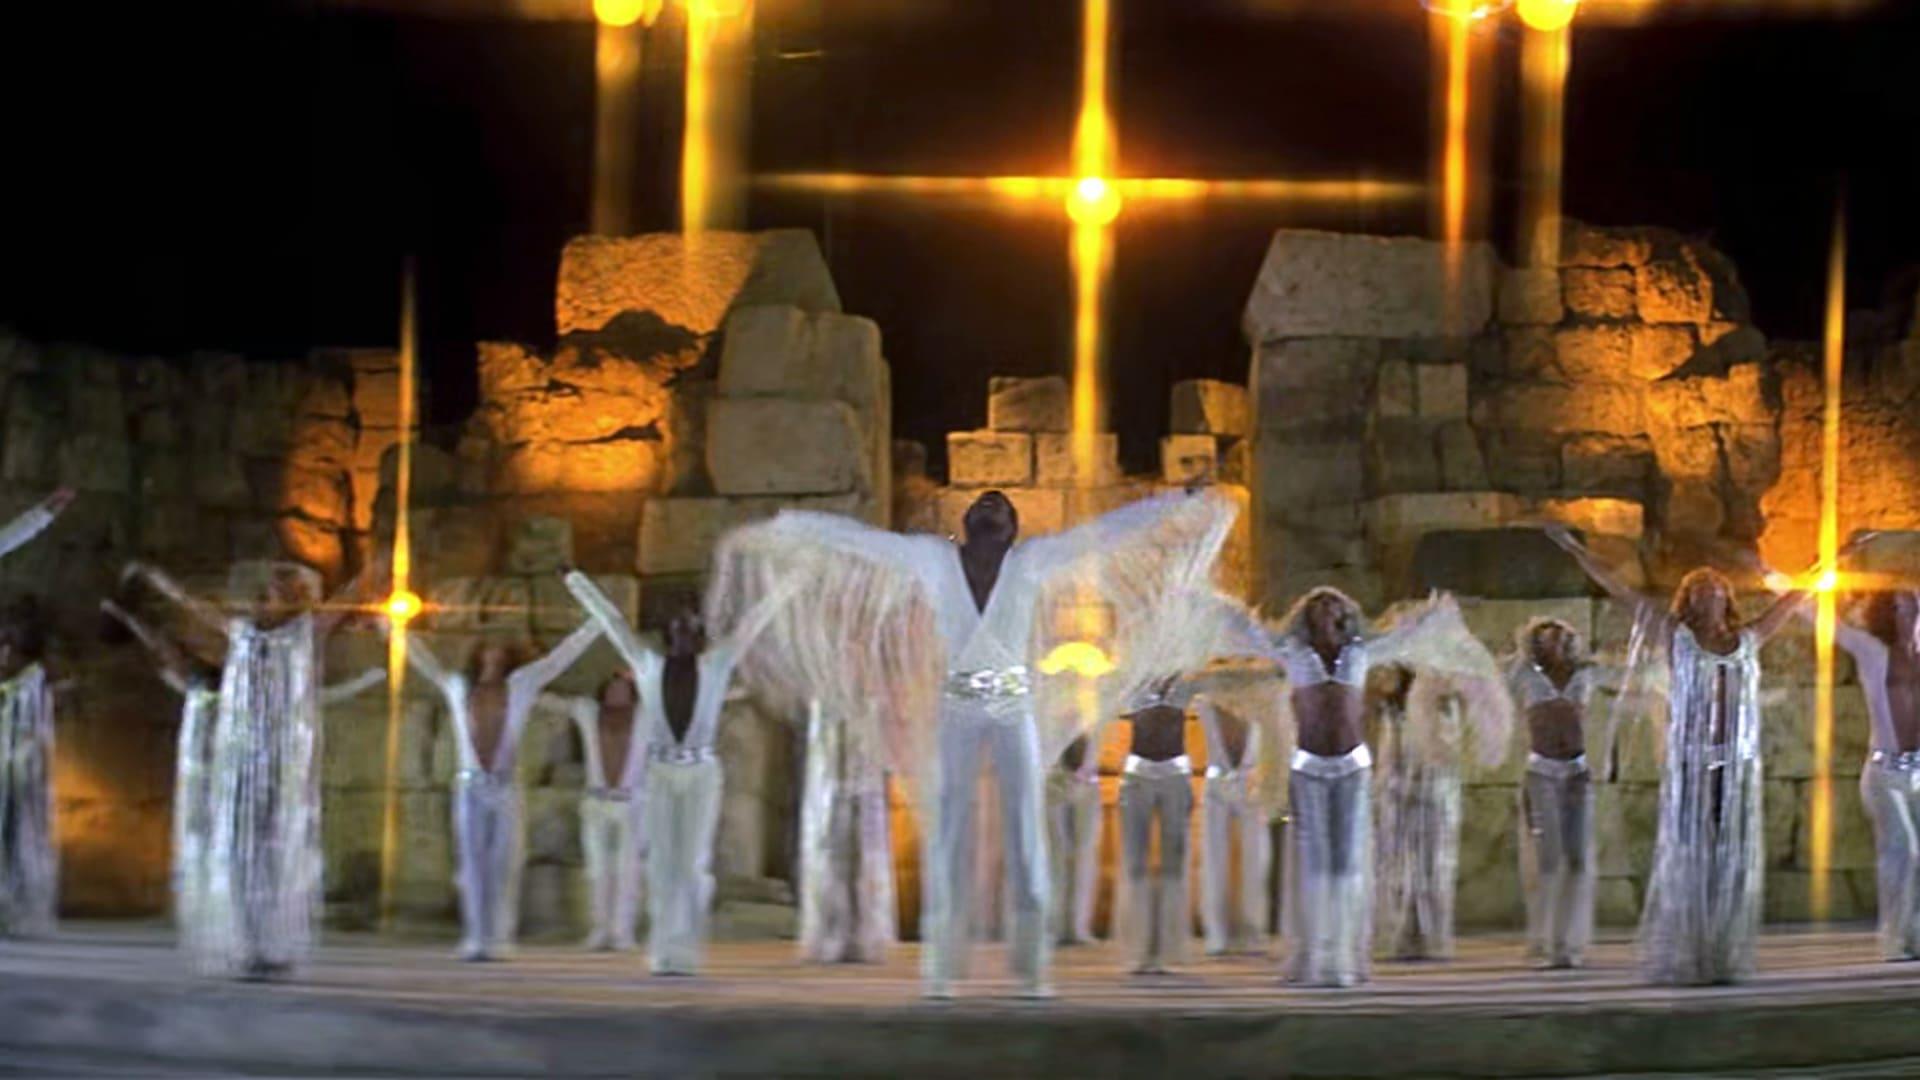 Jesus Christ Superstar backdrop